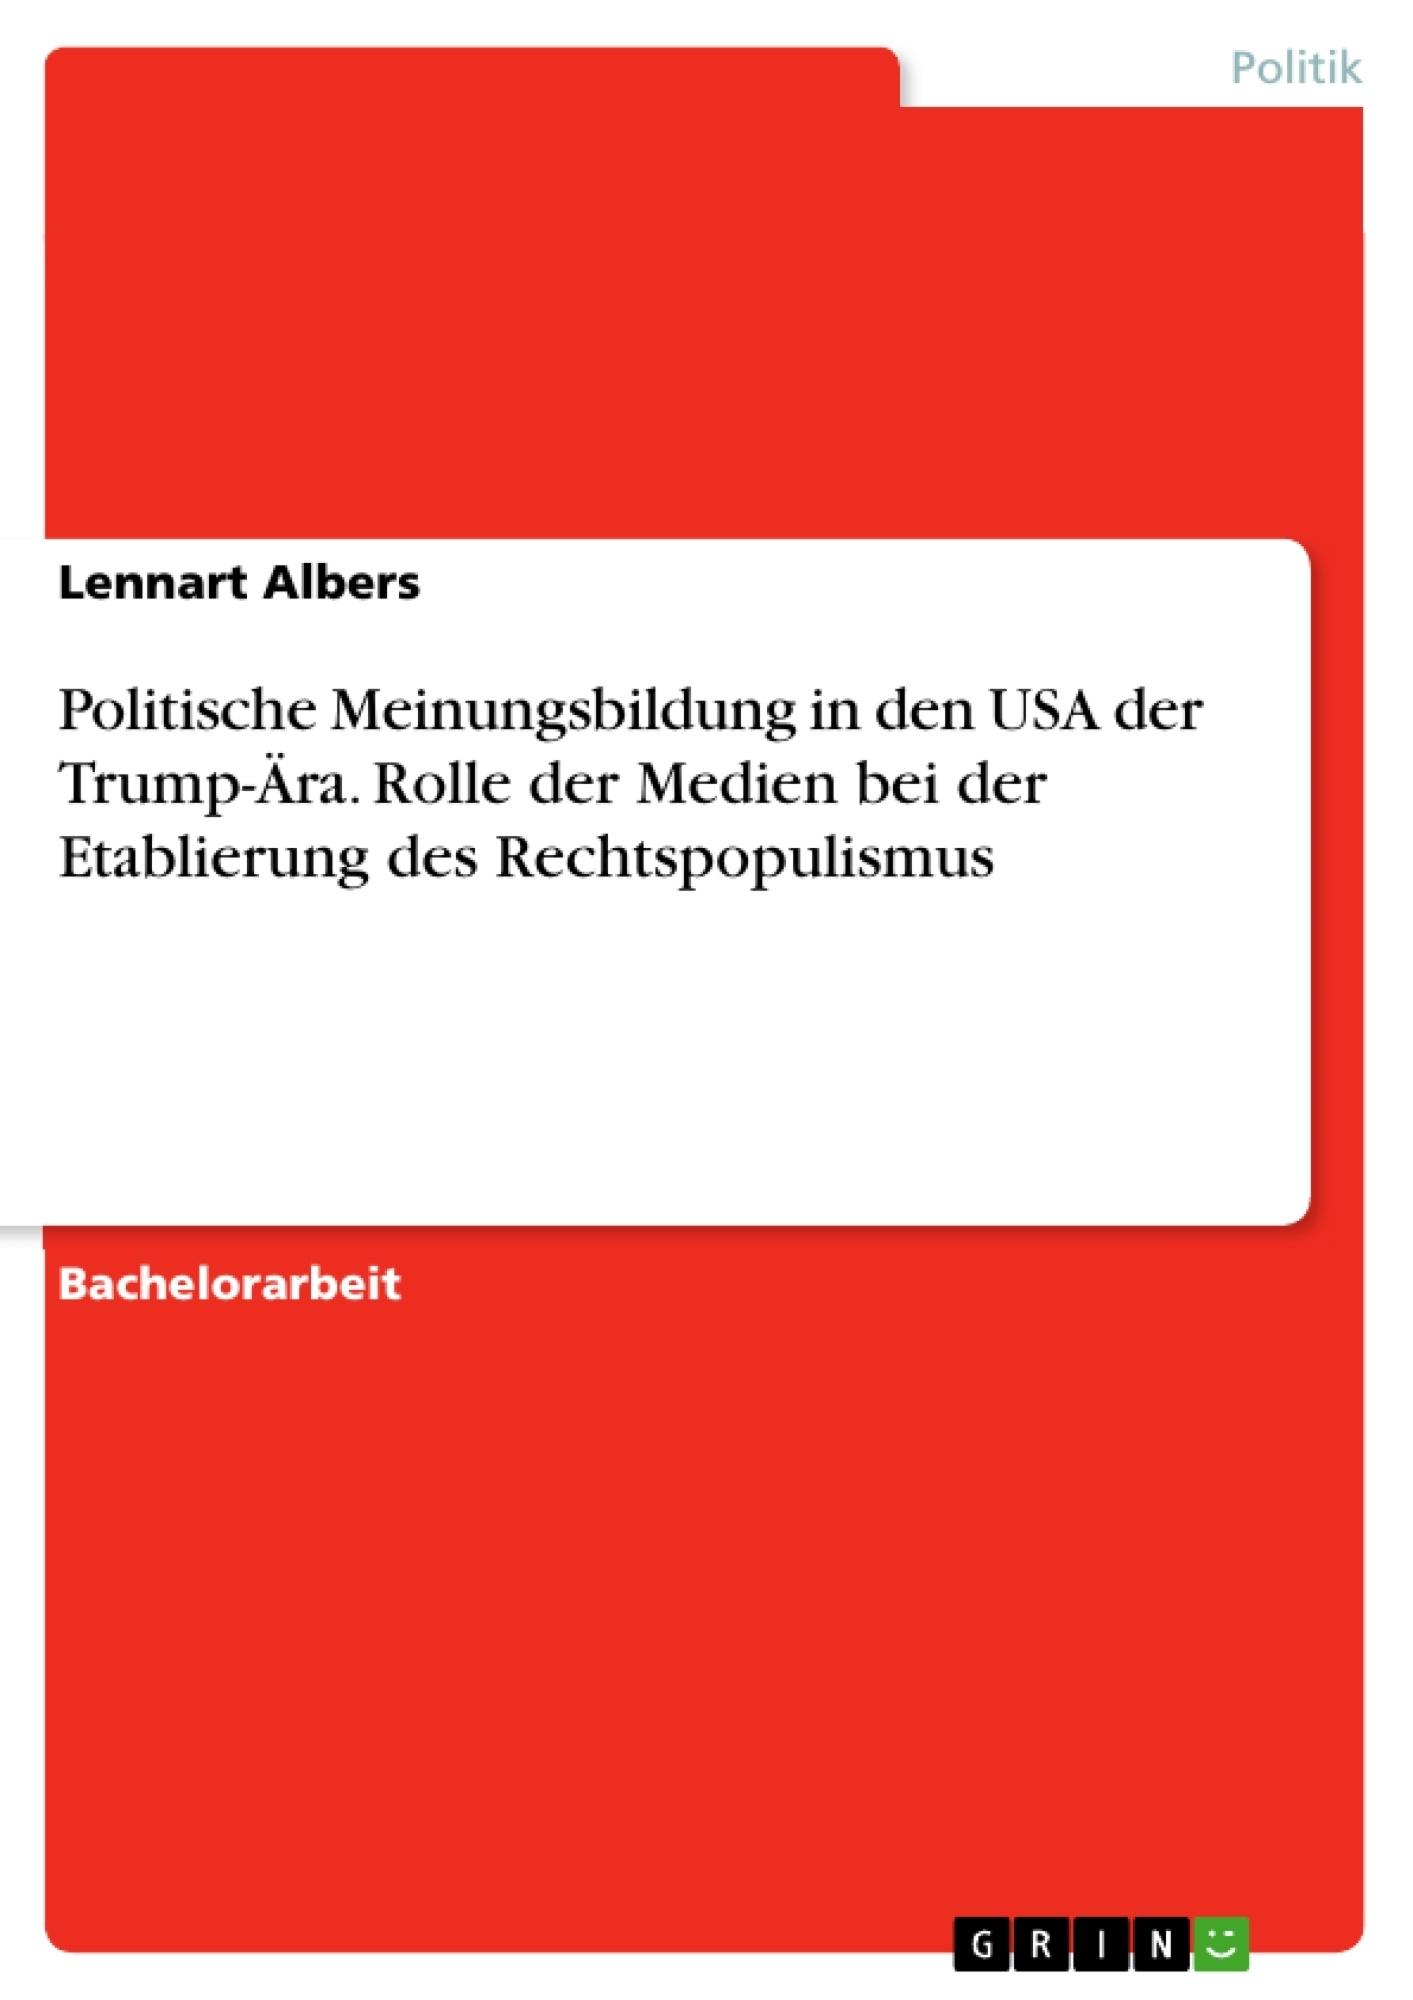 Titel: Politische Meinungsbildung in den USA der Trump-Ära. Rolle der Medien bei der Etablierung des Rechtspopulismus